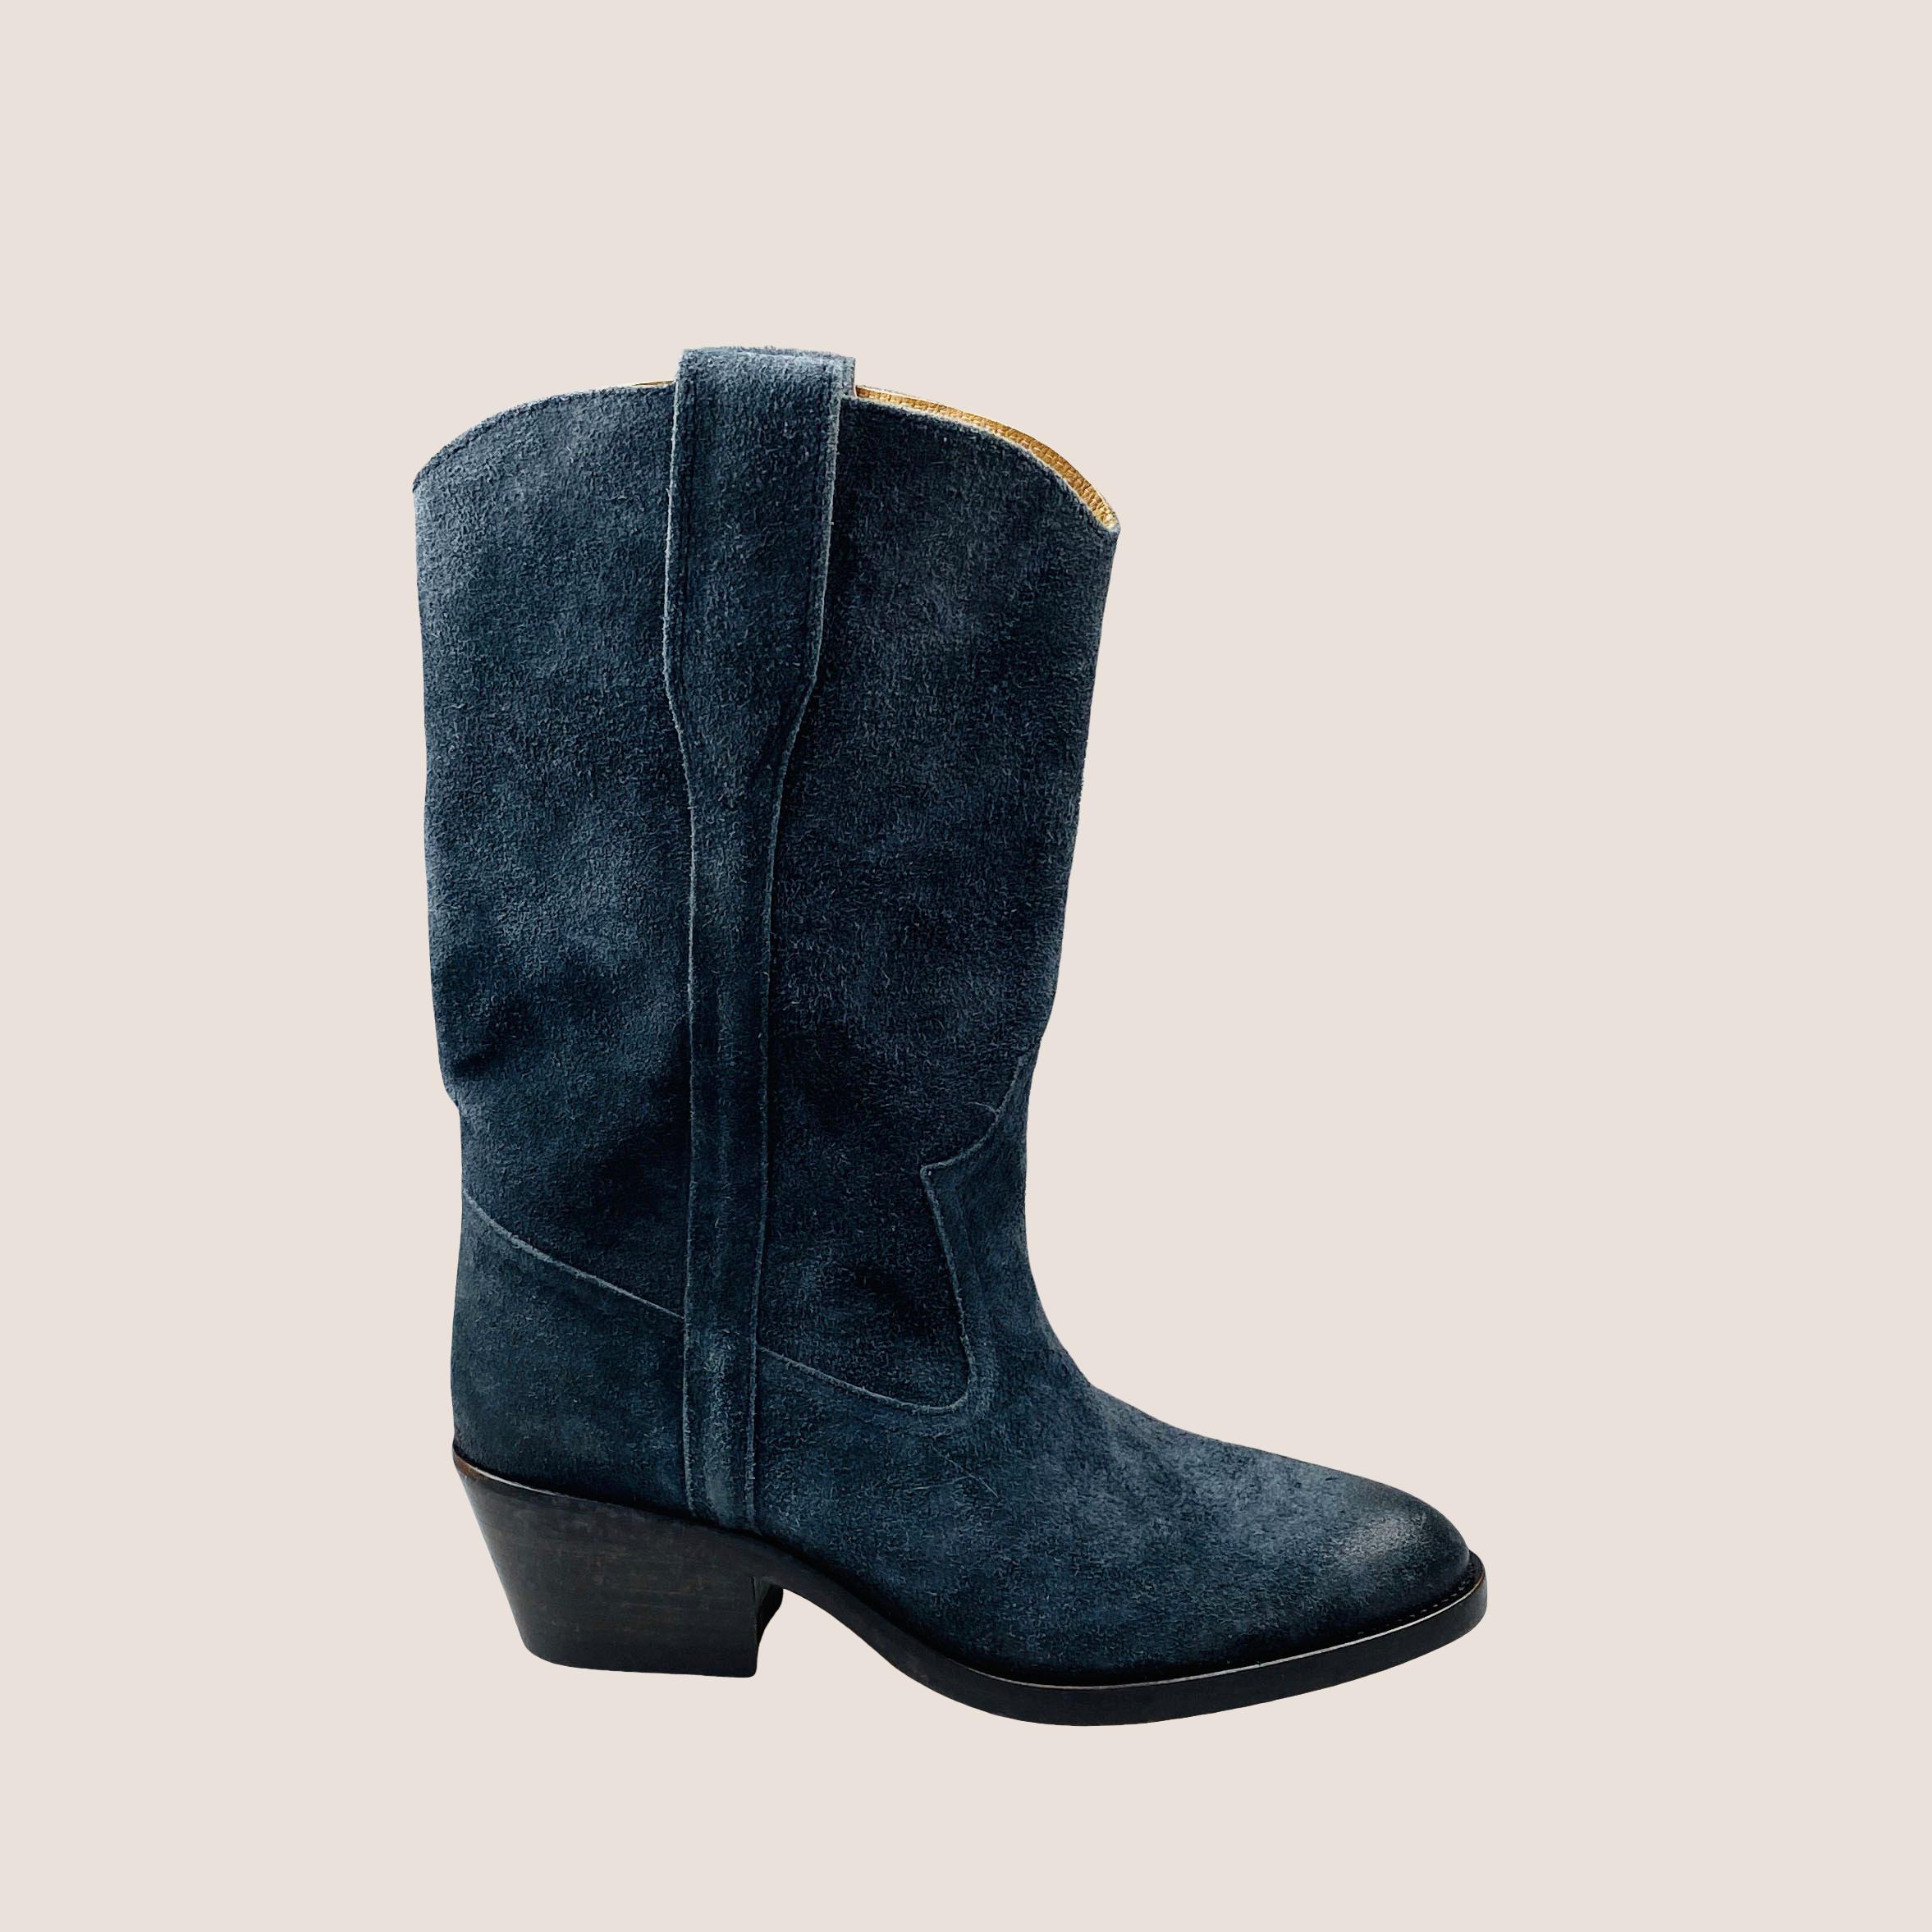 Danta High Boots